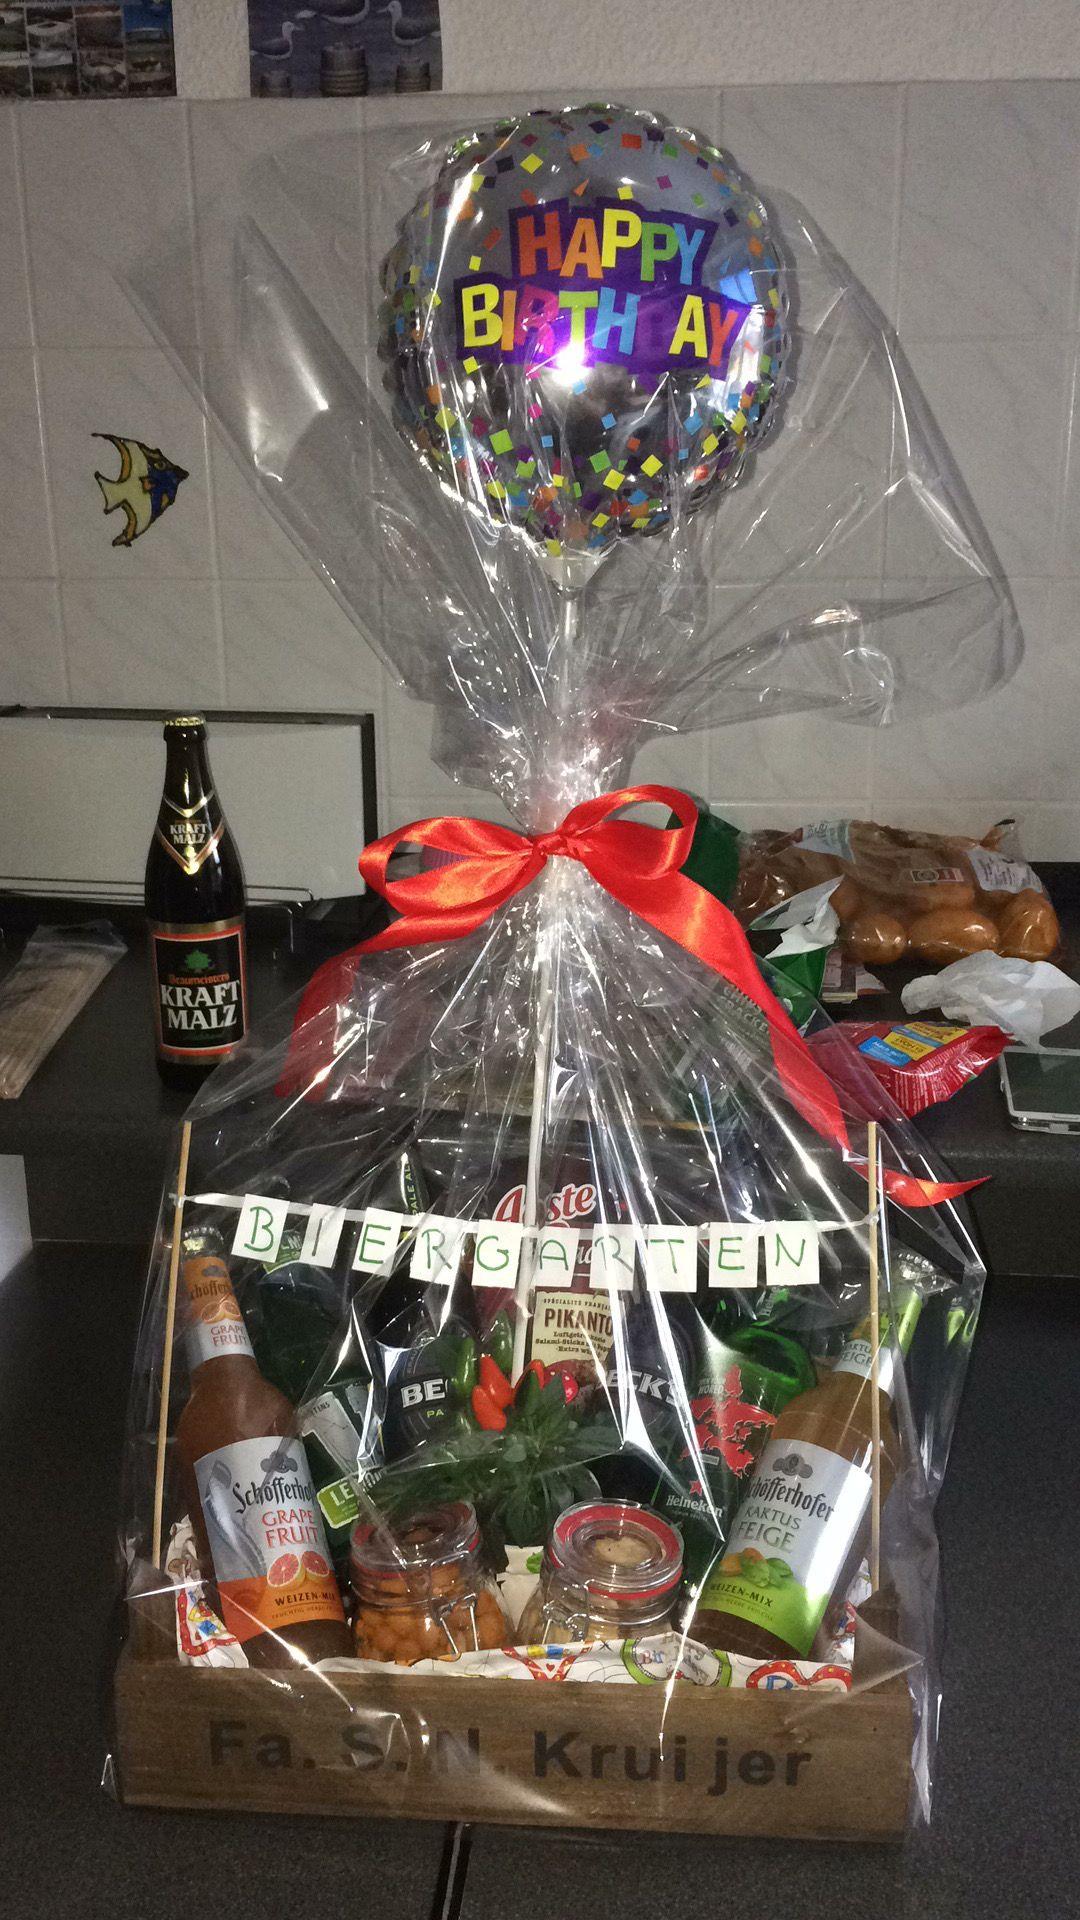 Biergarten Fur Manner Zum Geburtstag Geschenkideen Geschenke Geschenke Zum Geburtstag